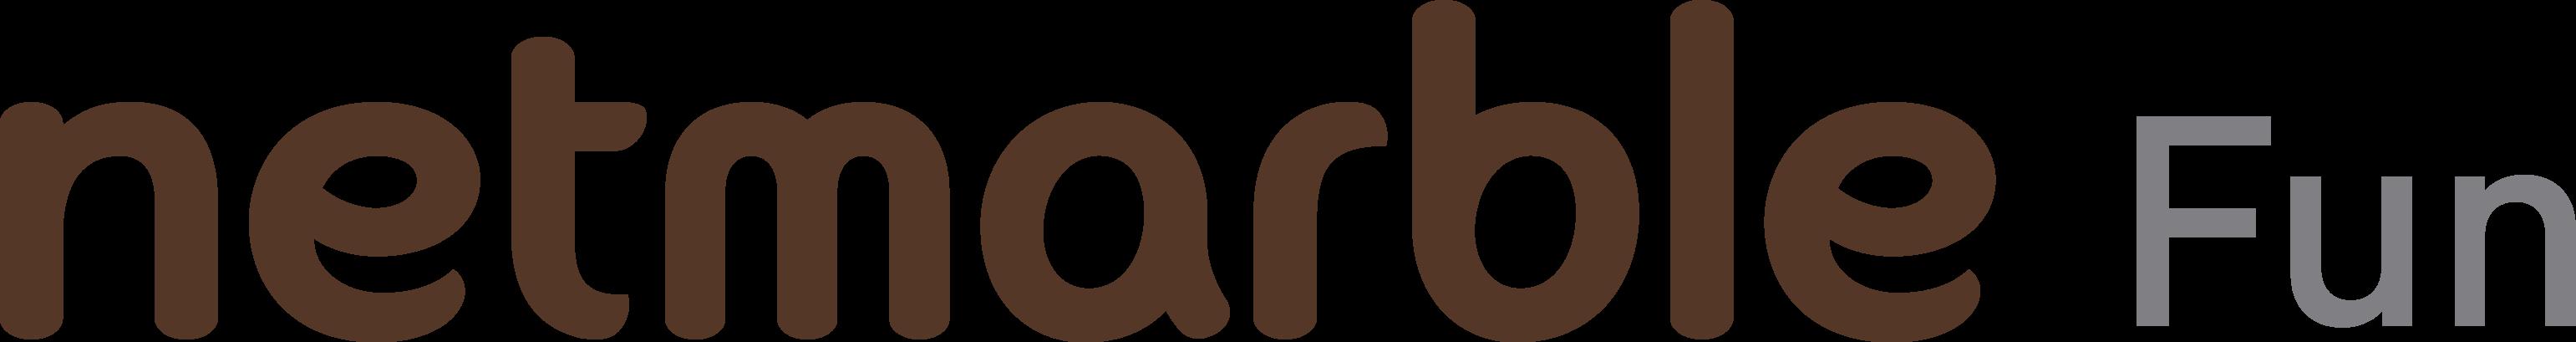 넷마블의 계열사 넷마블에프앤씨(주)의 로고